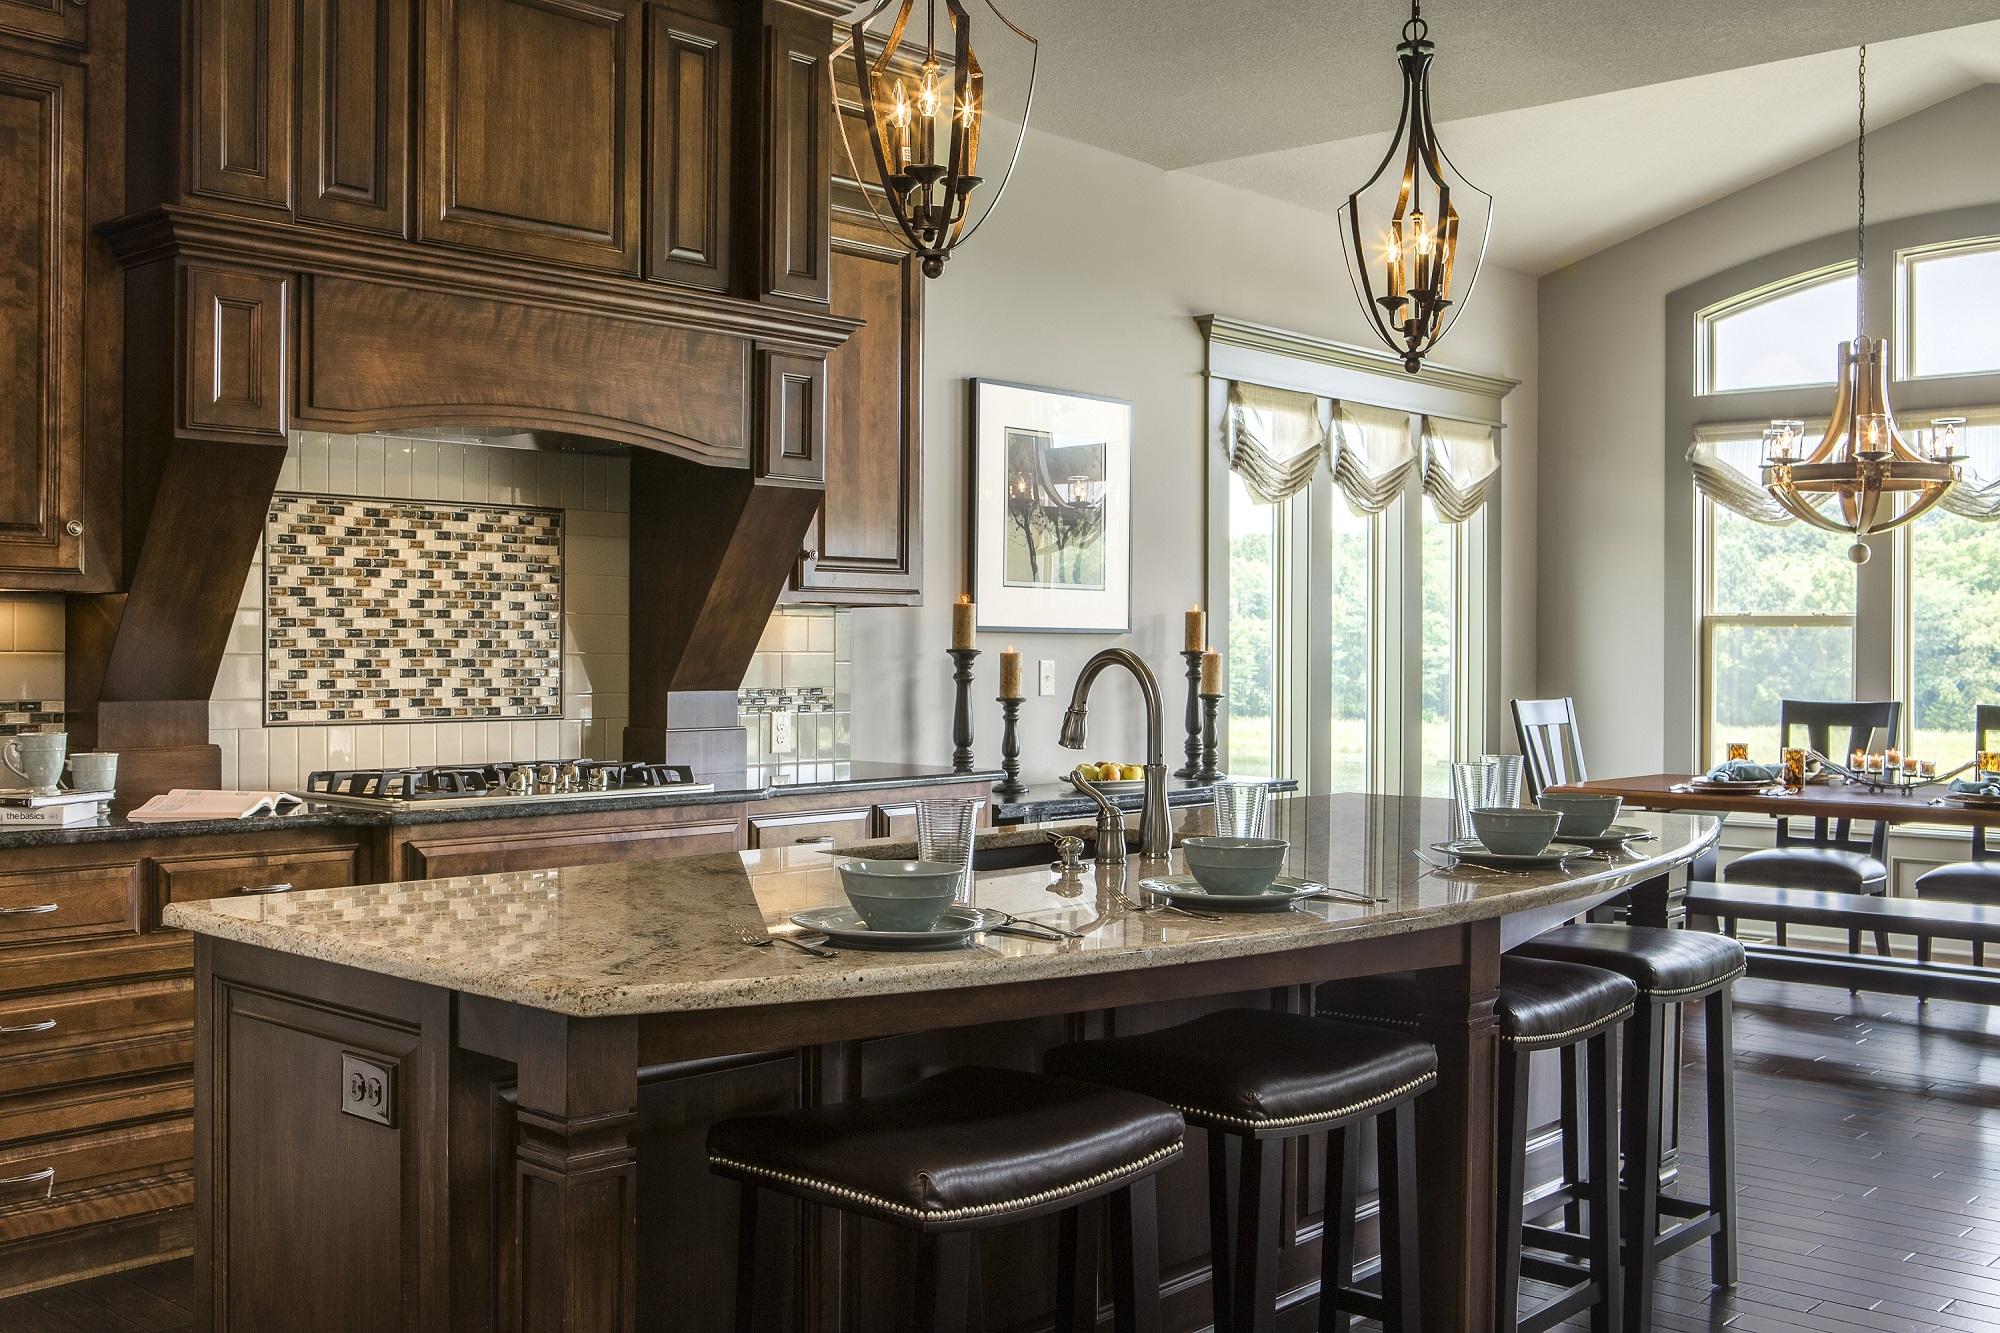 Kitchen 1 Arlene Ladegaard Design Connection Inc Kansas City Interior Designer